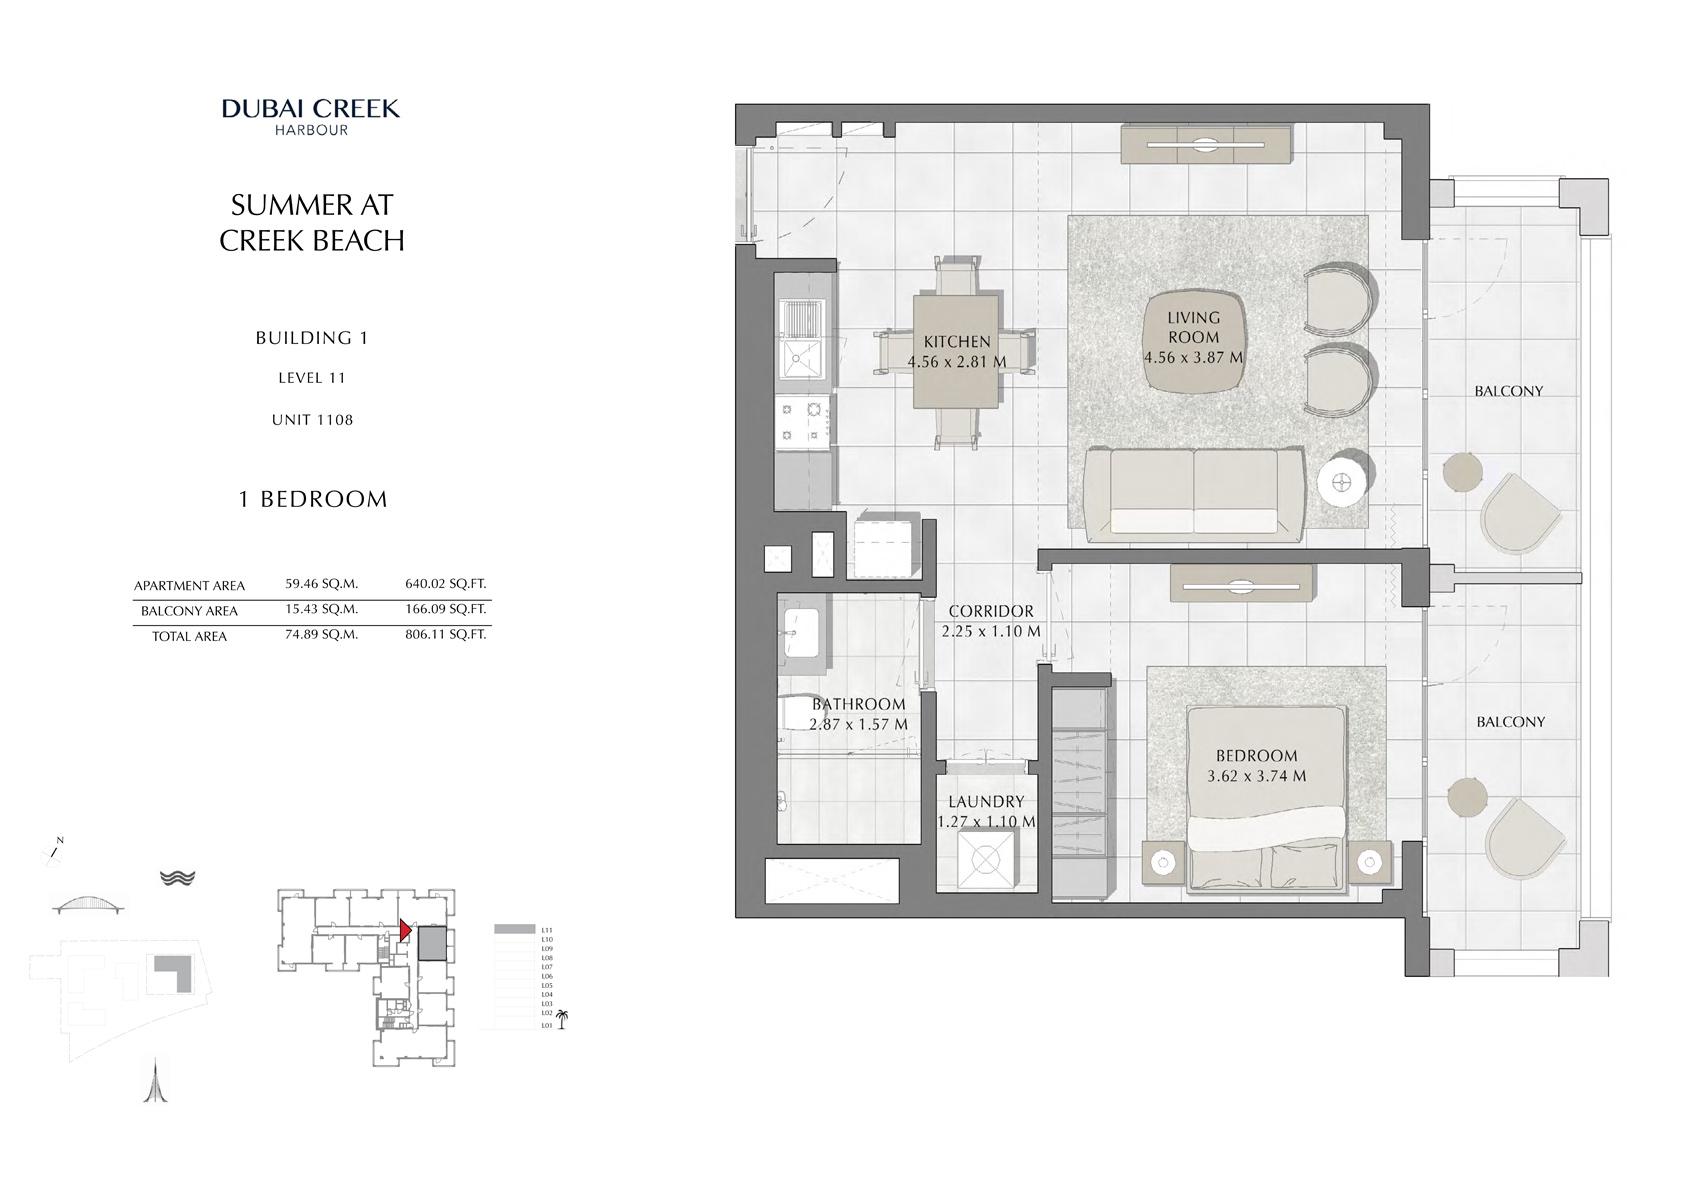 1 Br Building 1 Level 11 Unit 1108, Size 806 Sq Ft